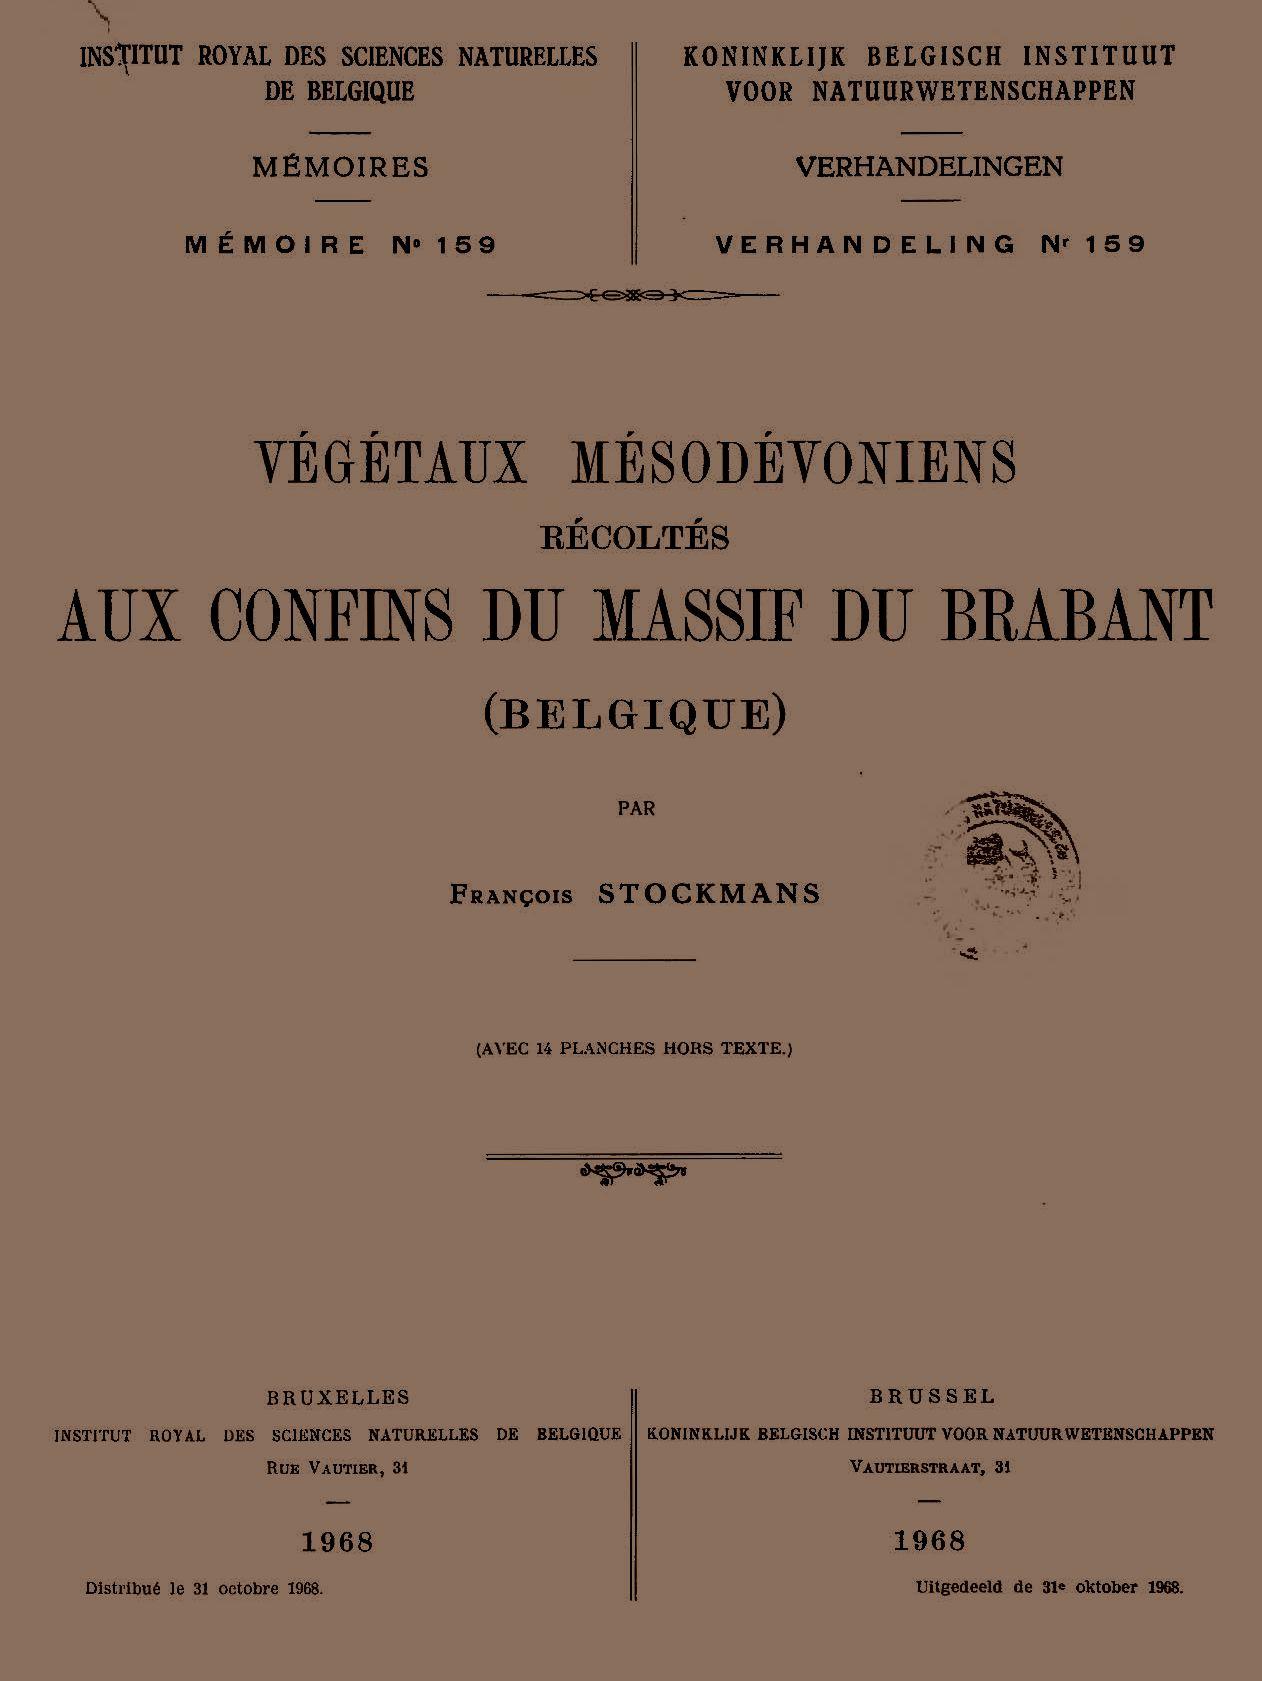 cover-159.jpg